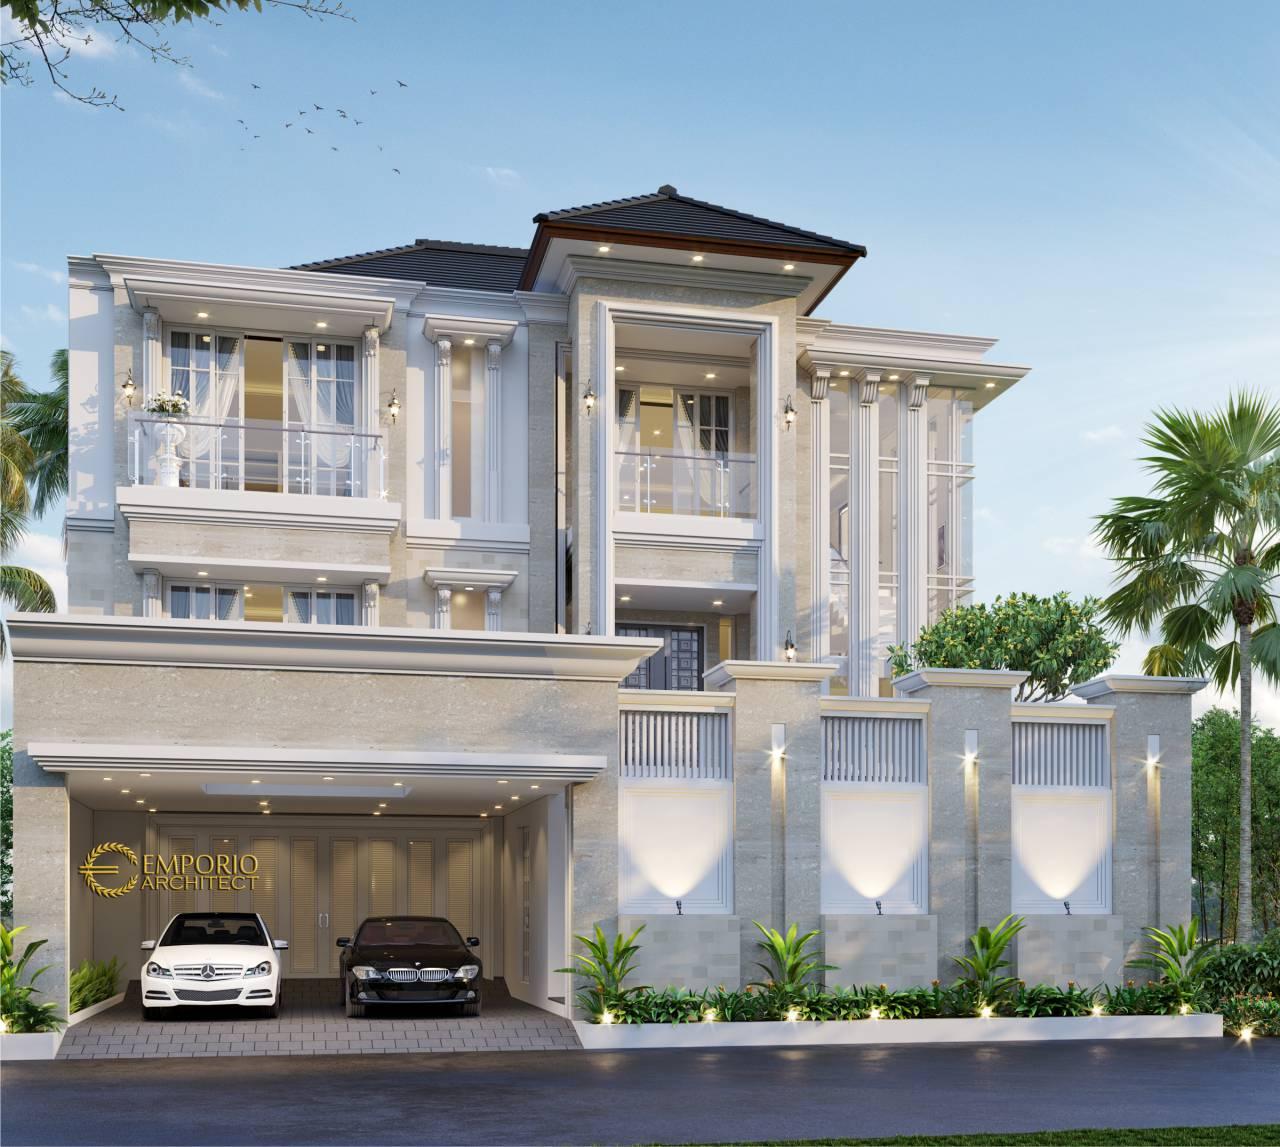 Harga Biaya Fee Jasa Arsitek Desain Rumah Dan Prosedur